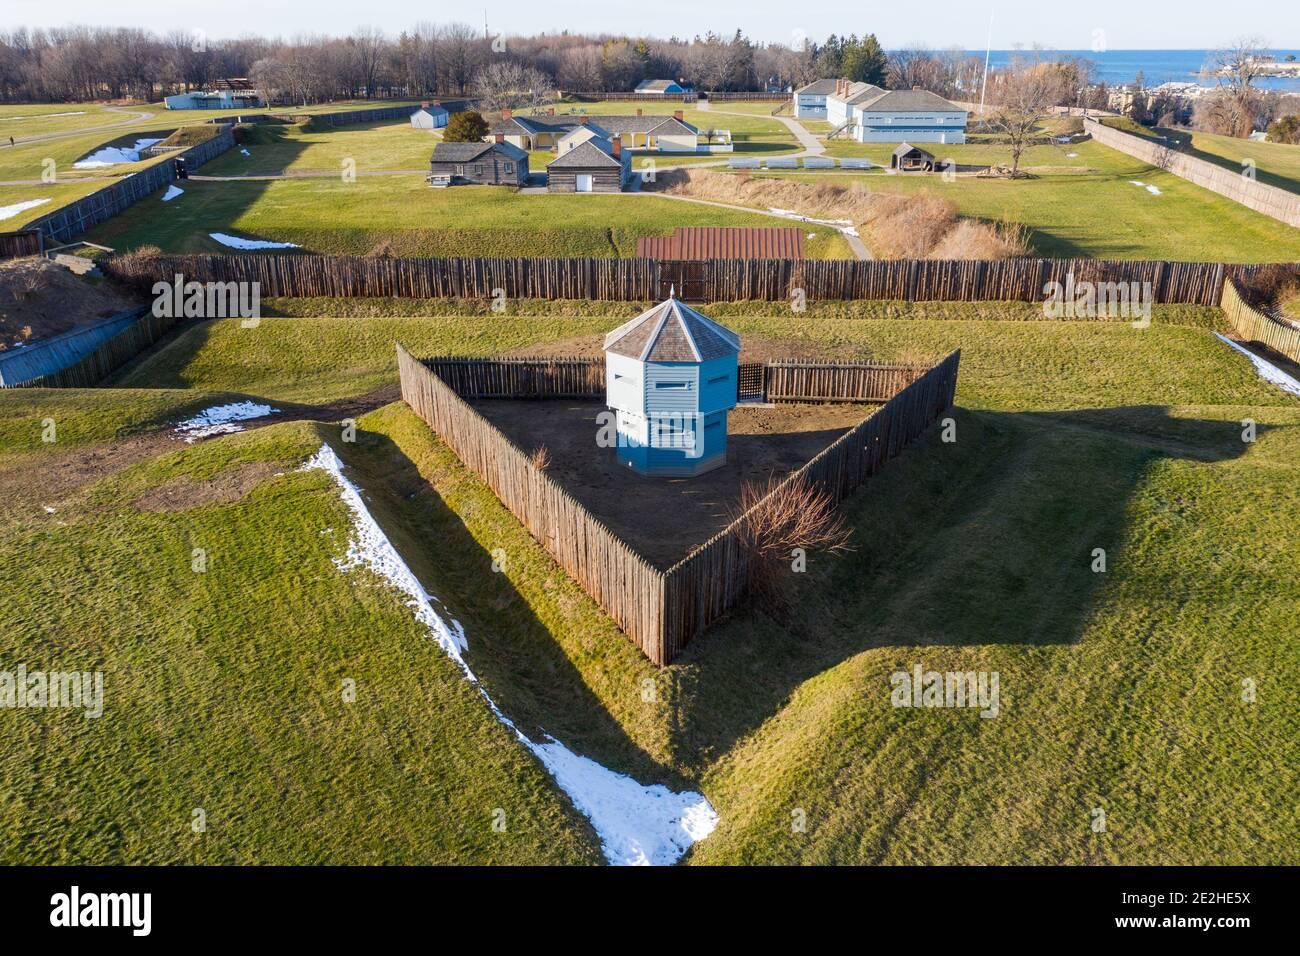 Sito storico nazionale di Fort George, Niagara-on-the-Lake, Ontario, Canada Foto Stock